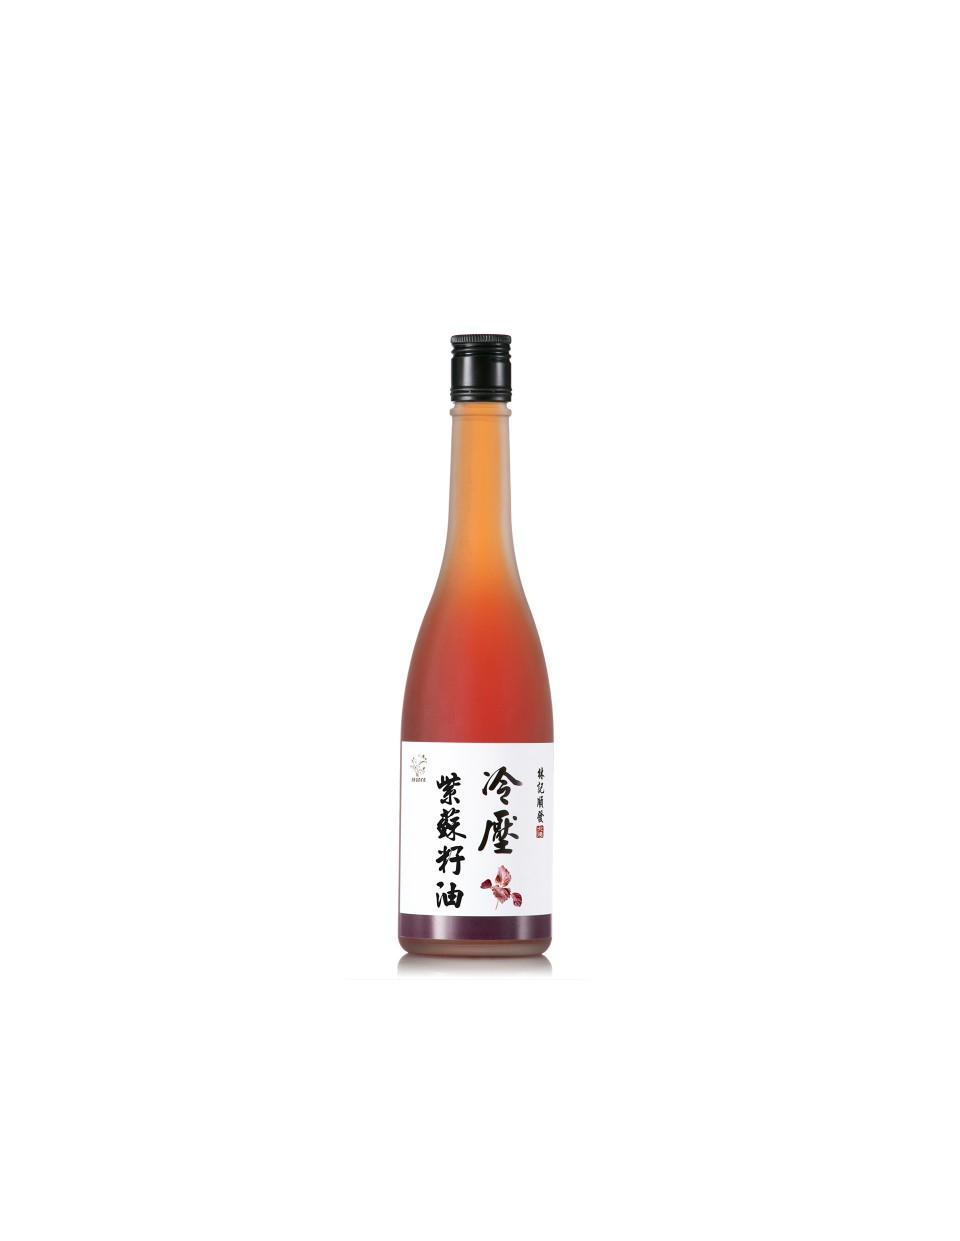 冷壓初榨紫蘇籽油 500ml 2瓶  送冷壓核桃油 180ml 1瓶